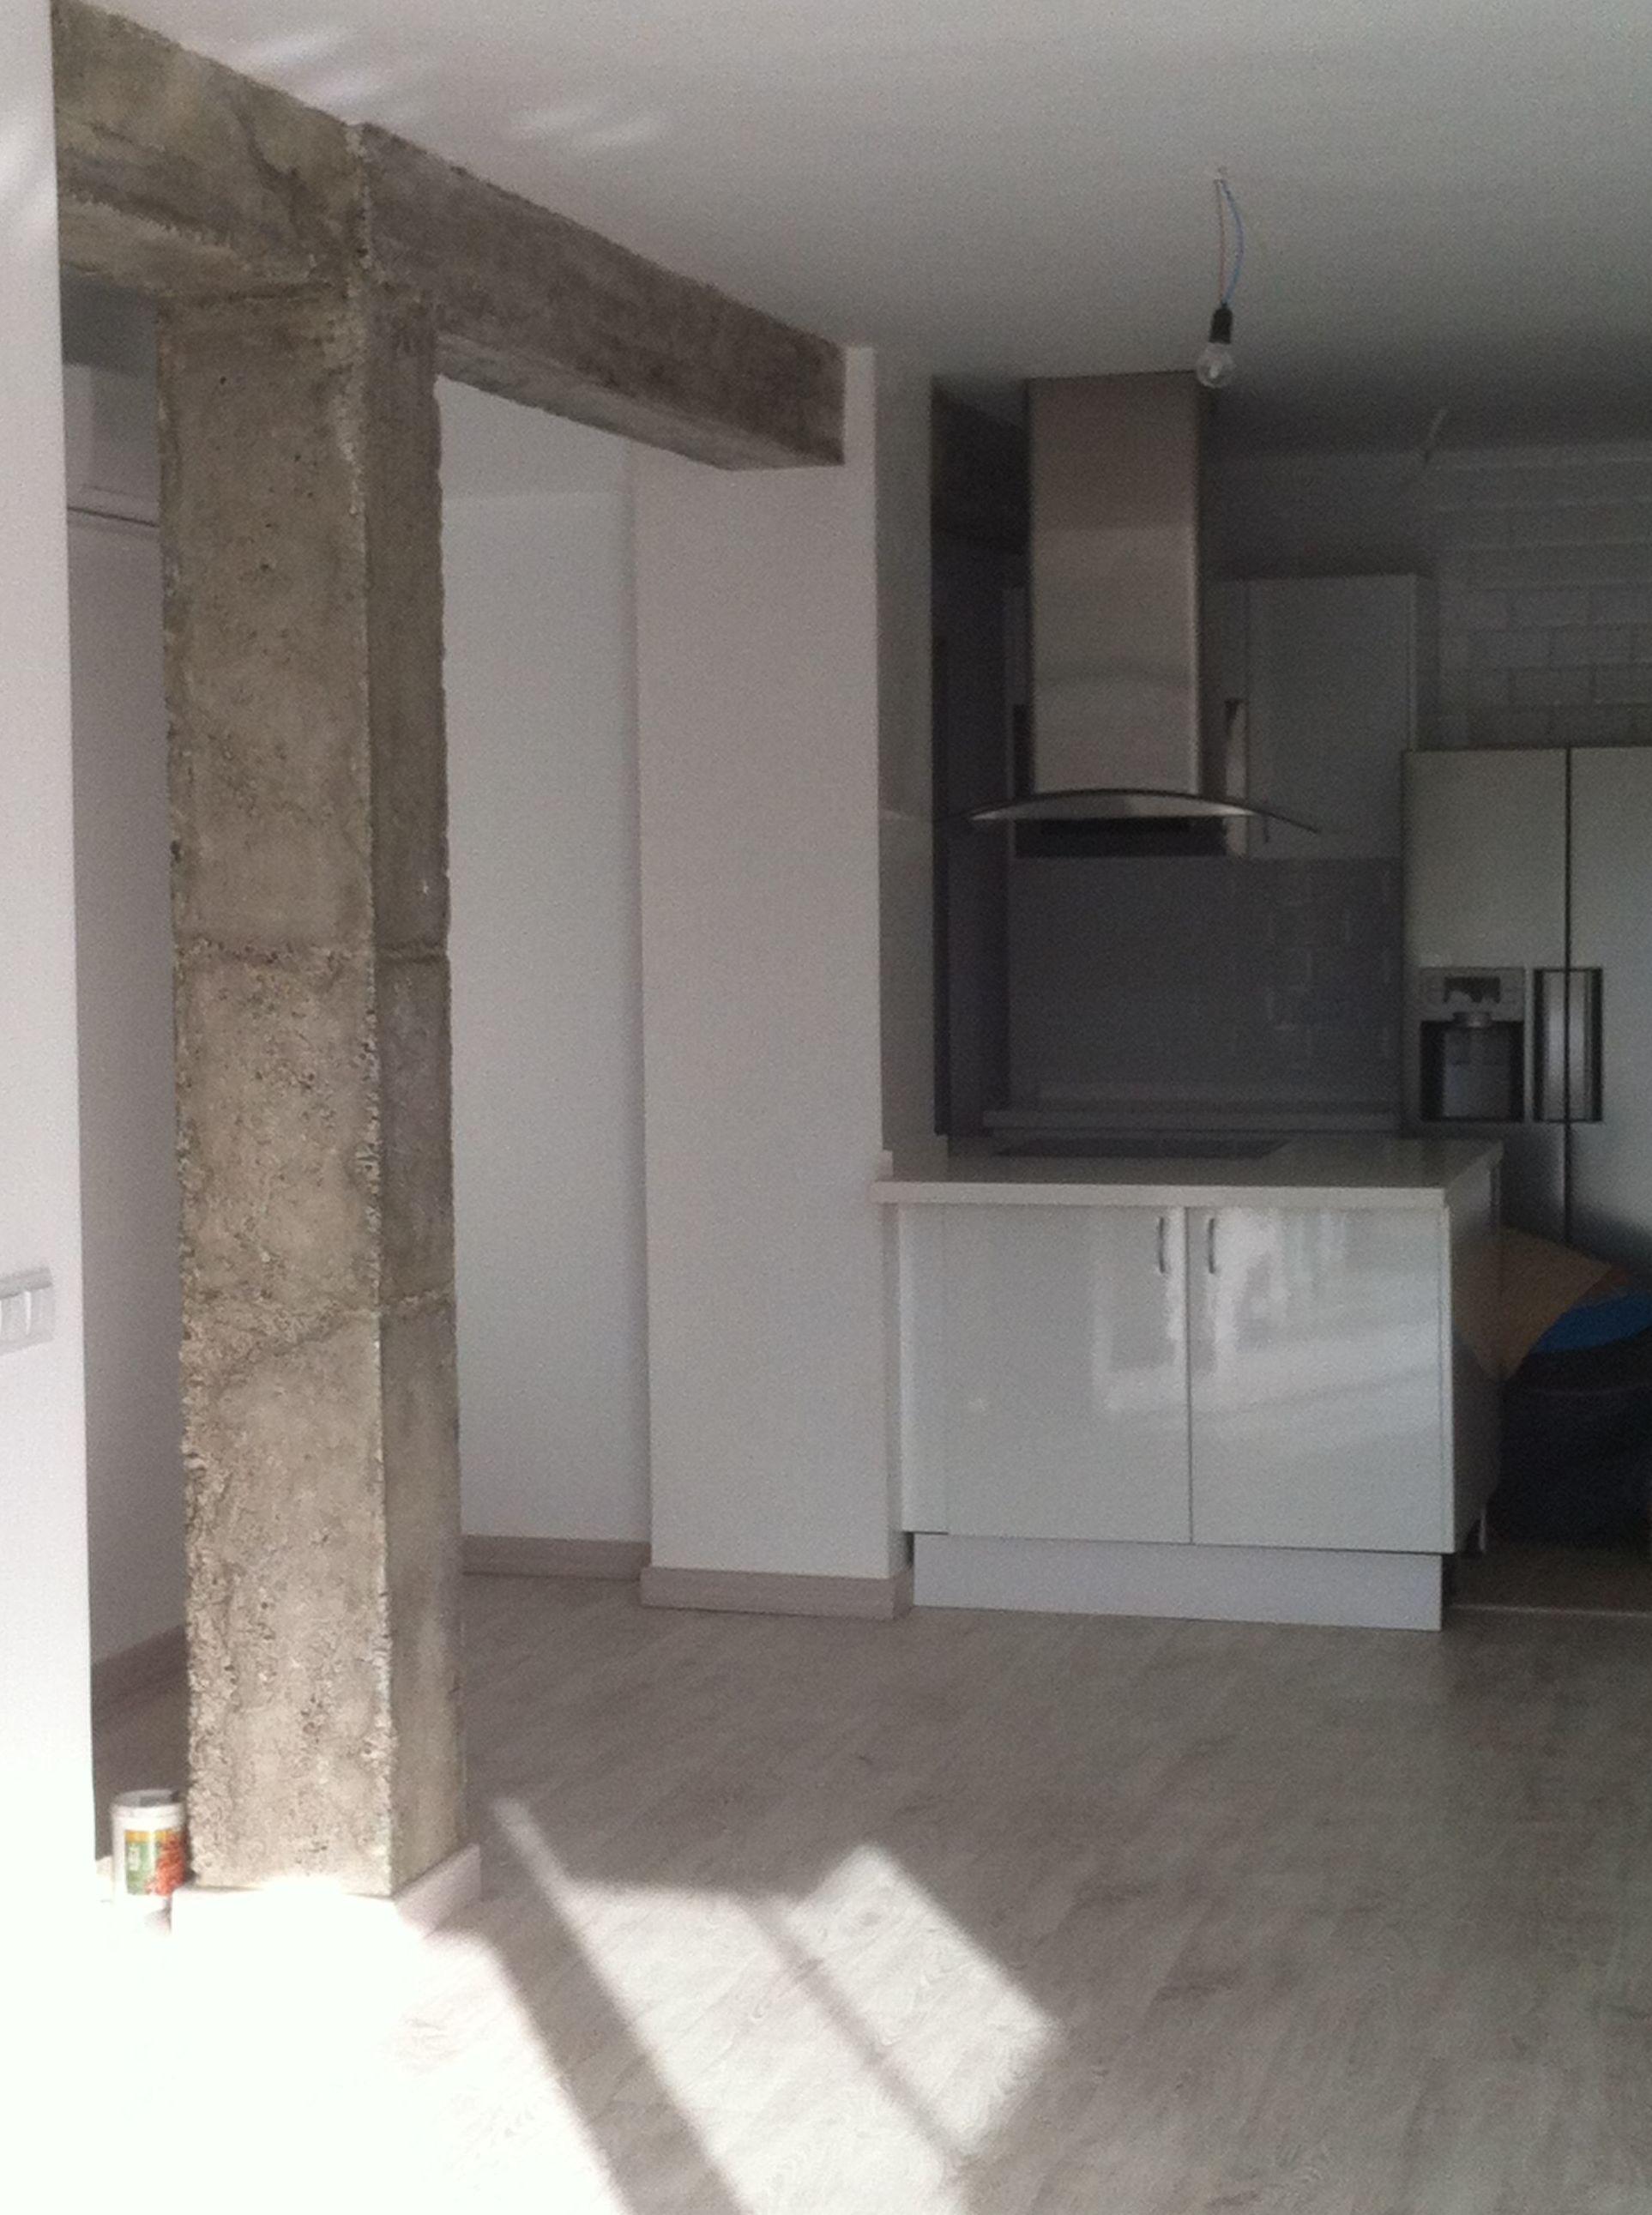 Foto 149 de Reformas y rehabilitaciones en Málaga en Málaga | Reformas y Rehabilitaciones Tapia